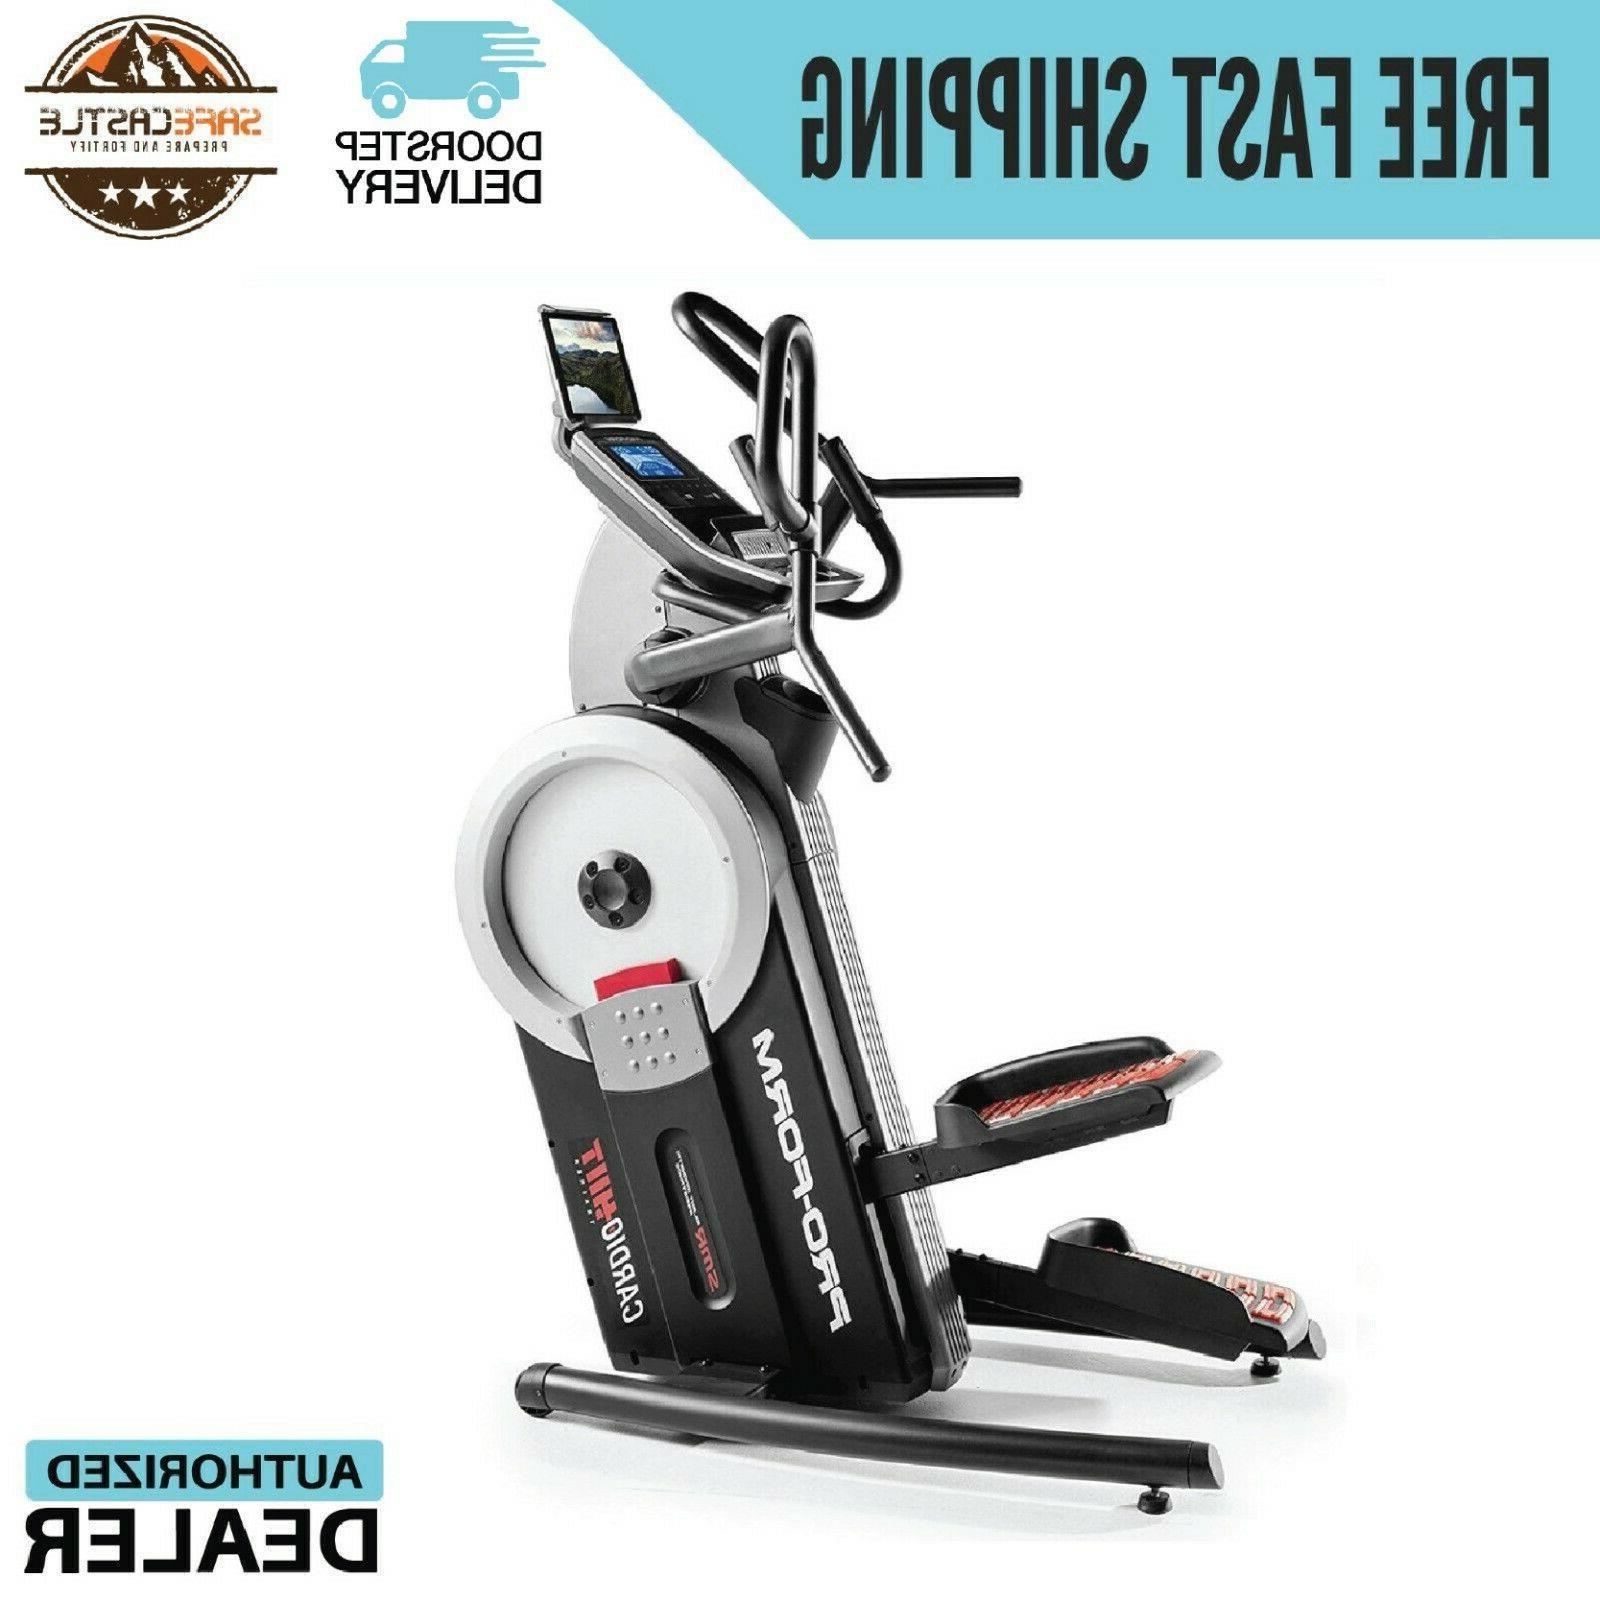 new cardio hiit elliptical trainer exercise pfel09915